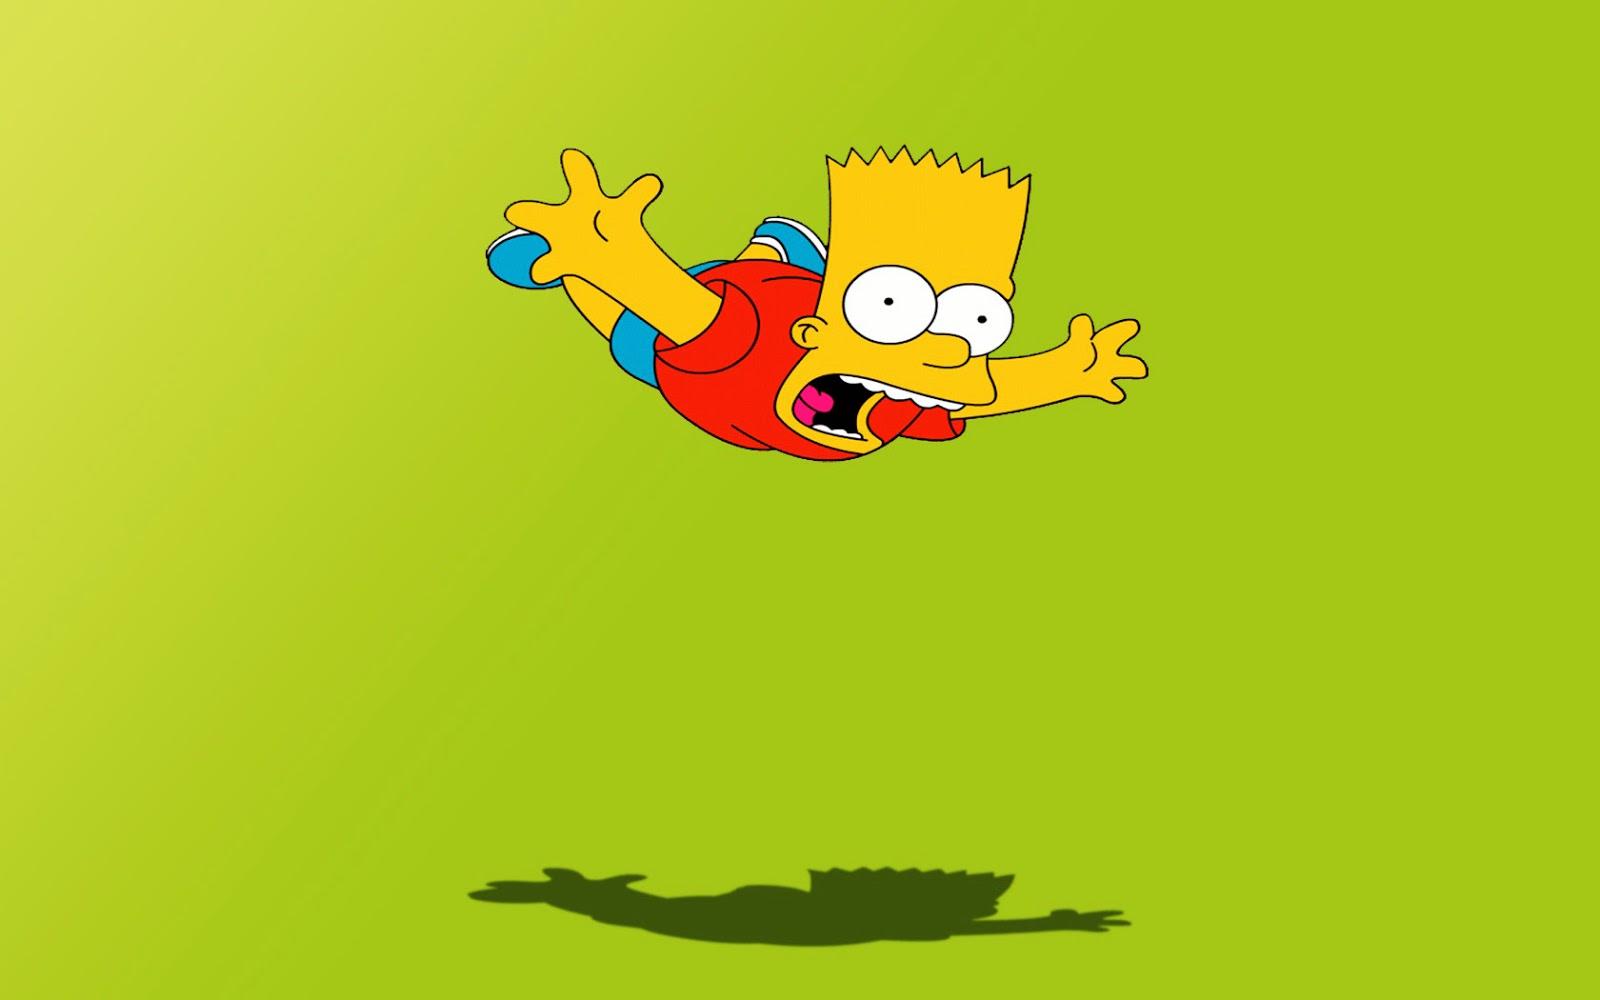 http://3.bp.blogspot.com/-IVgLHAz3BgU/Tt98BZ5OMzI/AAAAAAAAEyQ/F9IS900A_fs/s1600/Bart_Simpson_Funny_HD_Wallpaper-Vvallpaper.Net.jpg